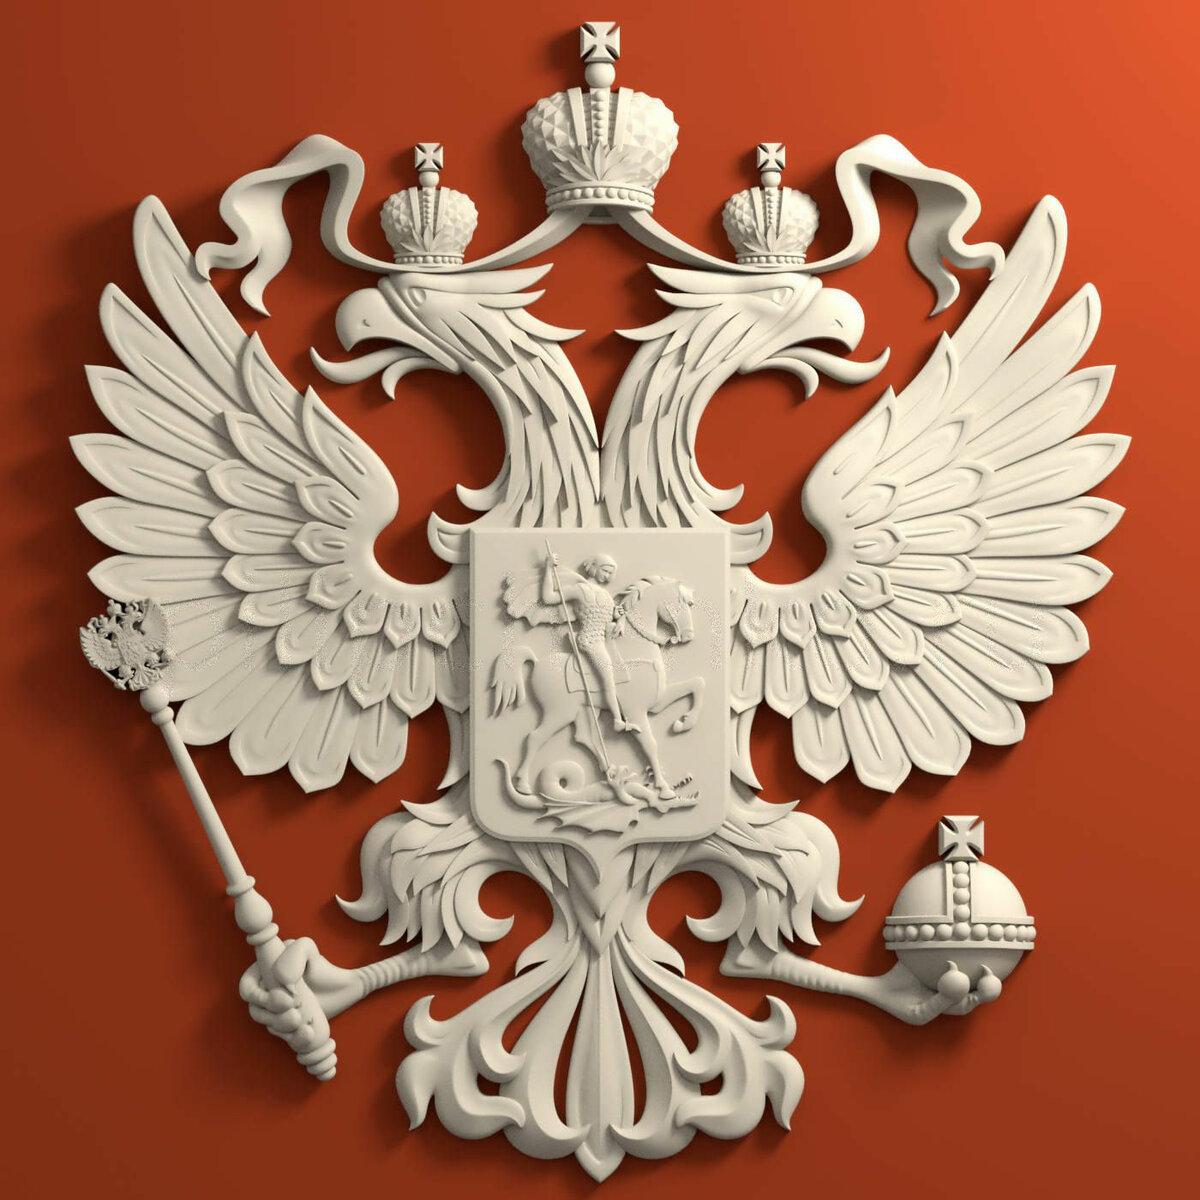 дольмены братья российский орел двуглавый фото современная фотография вершины